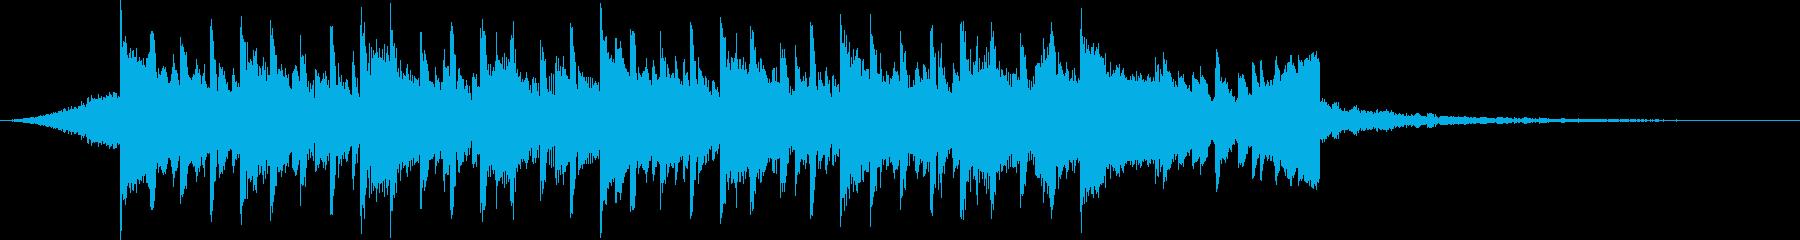 企業VP系81、シンプル、シンセ、爽快cの再生済みの波形